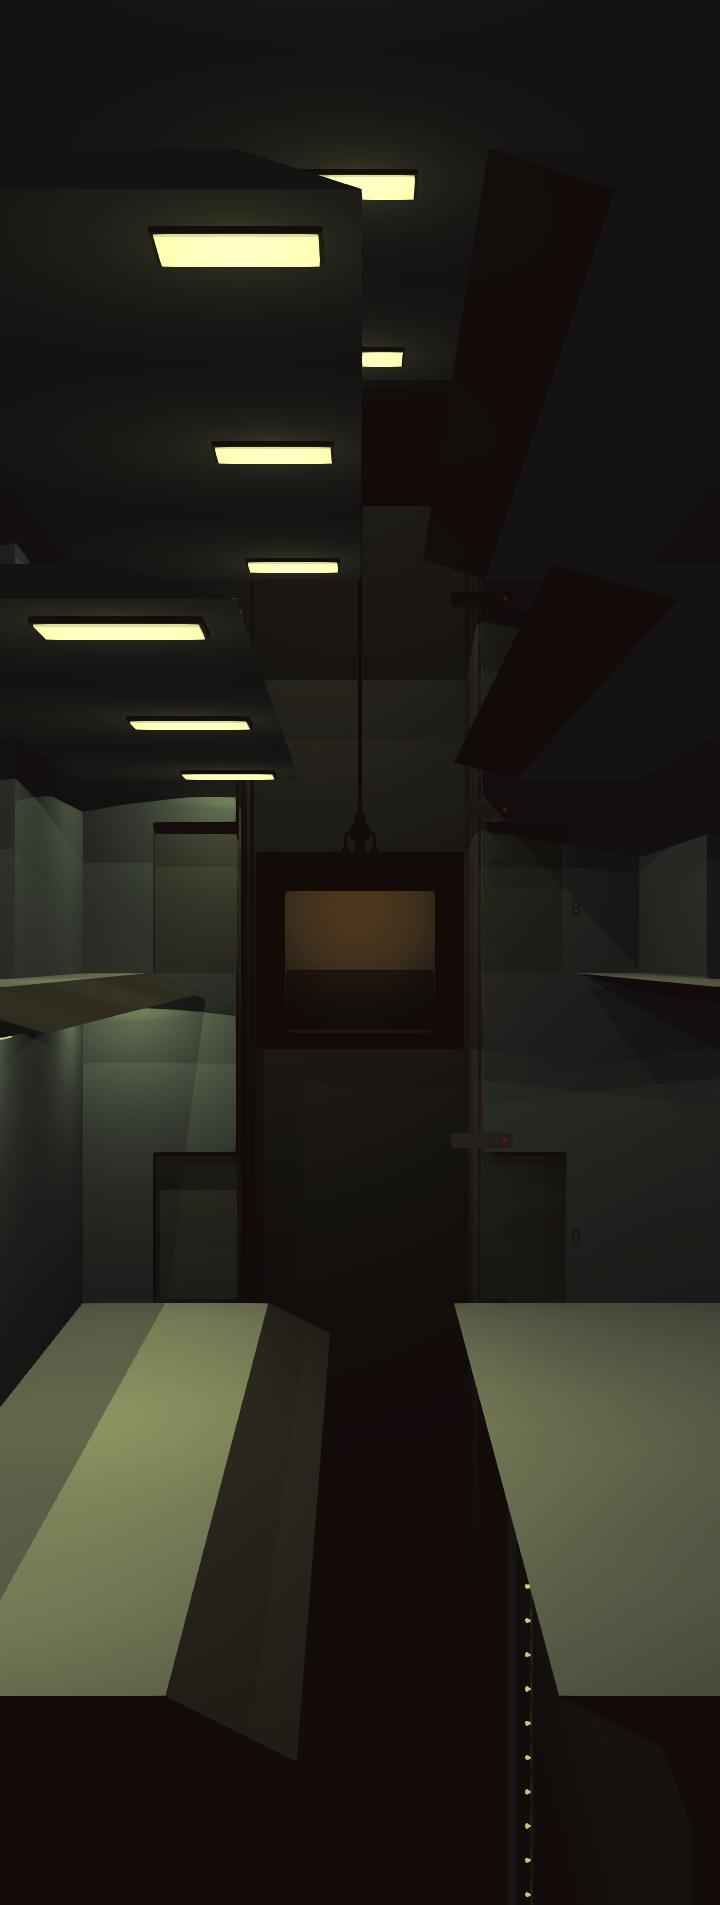 07_Elevator.png